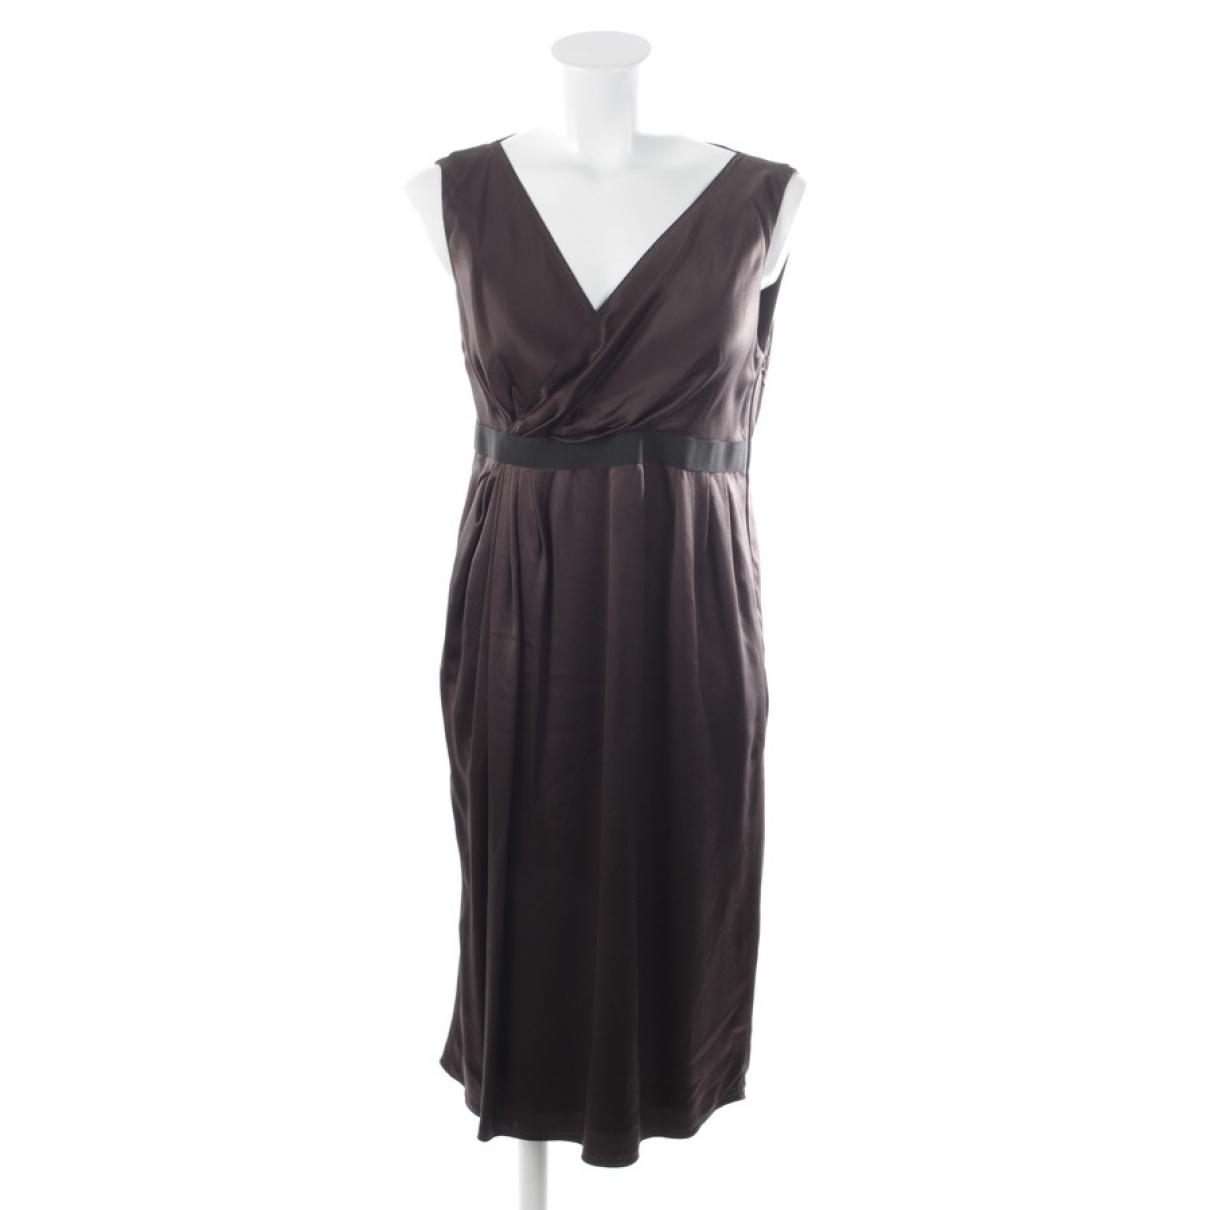 Lanvin \N Kleid in  Braun Seide